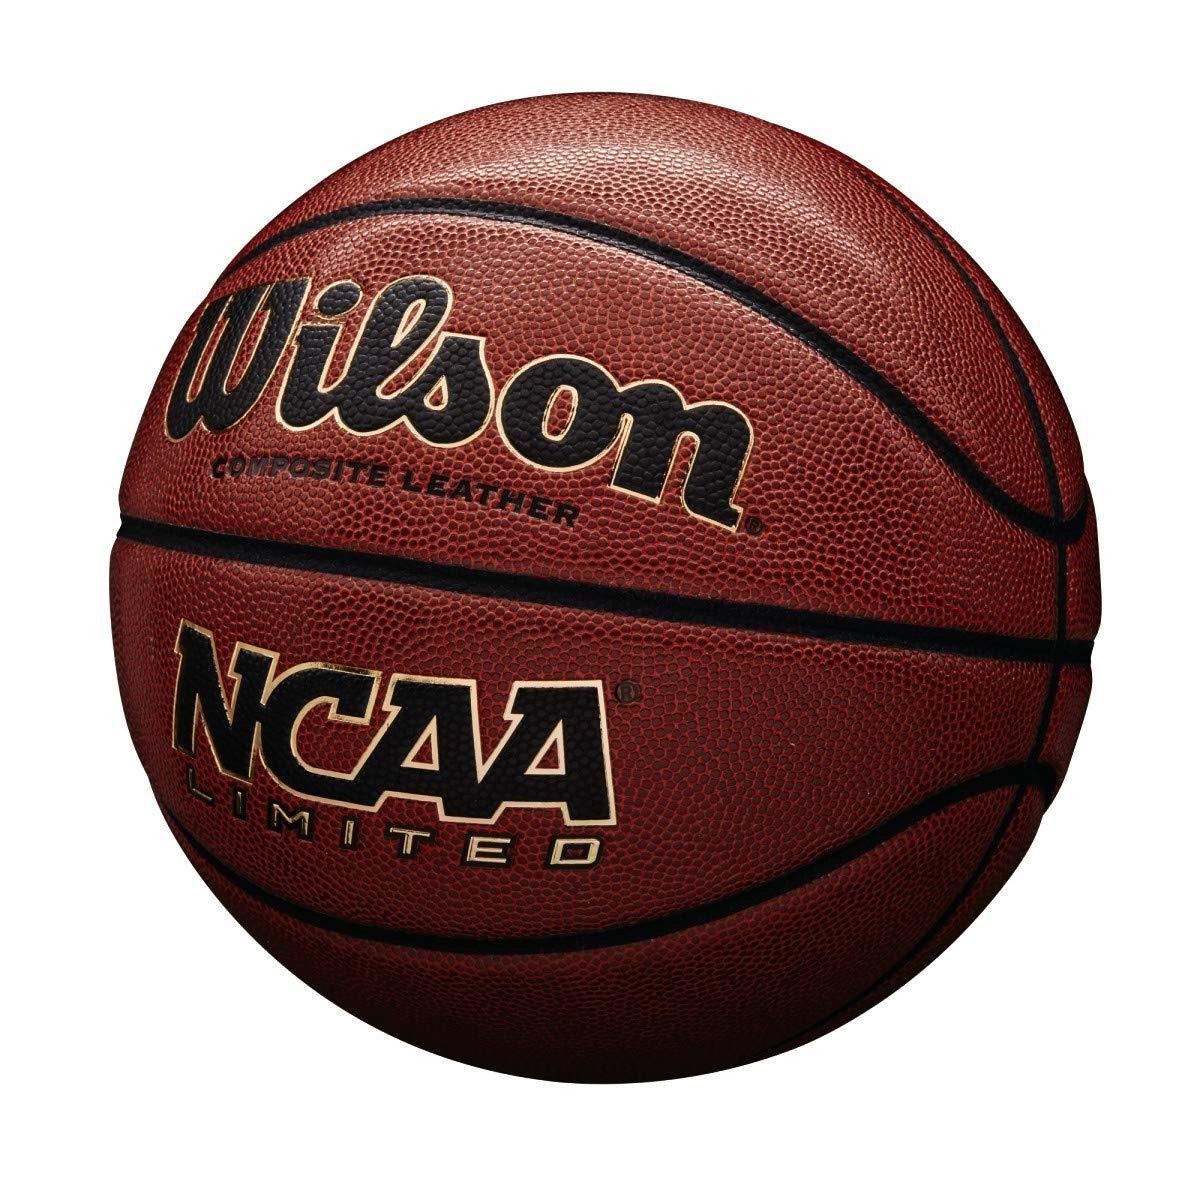 Amazon.com: Wilson NCAA oficial de piel compuesto limitada ...